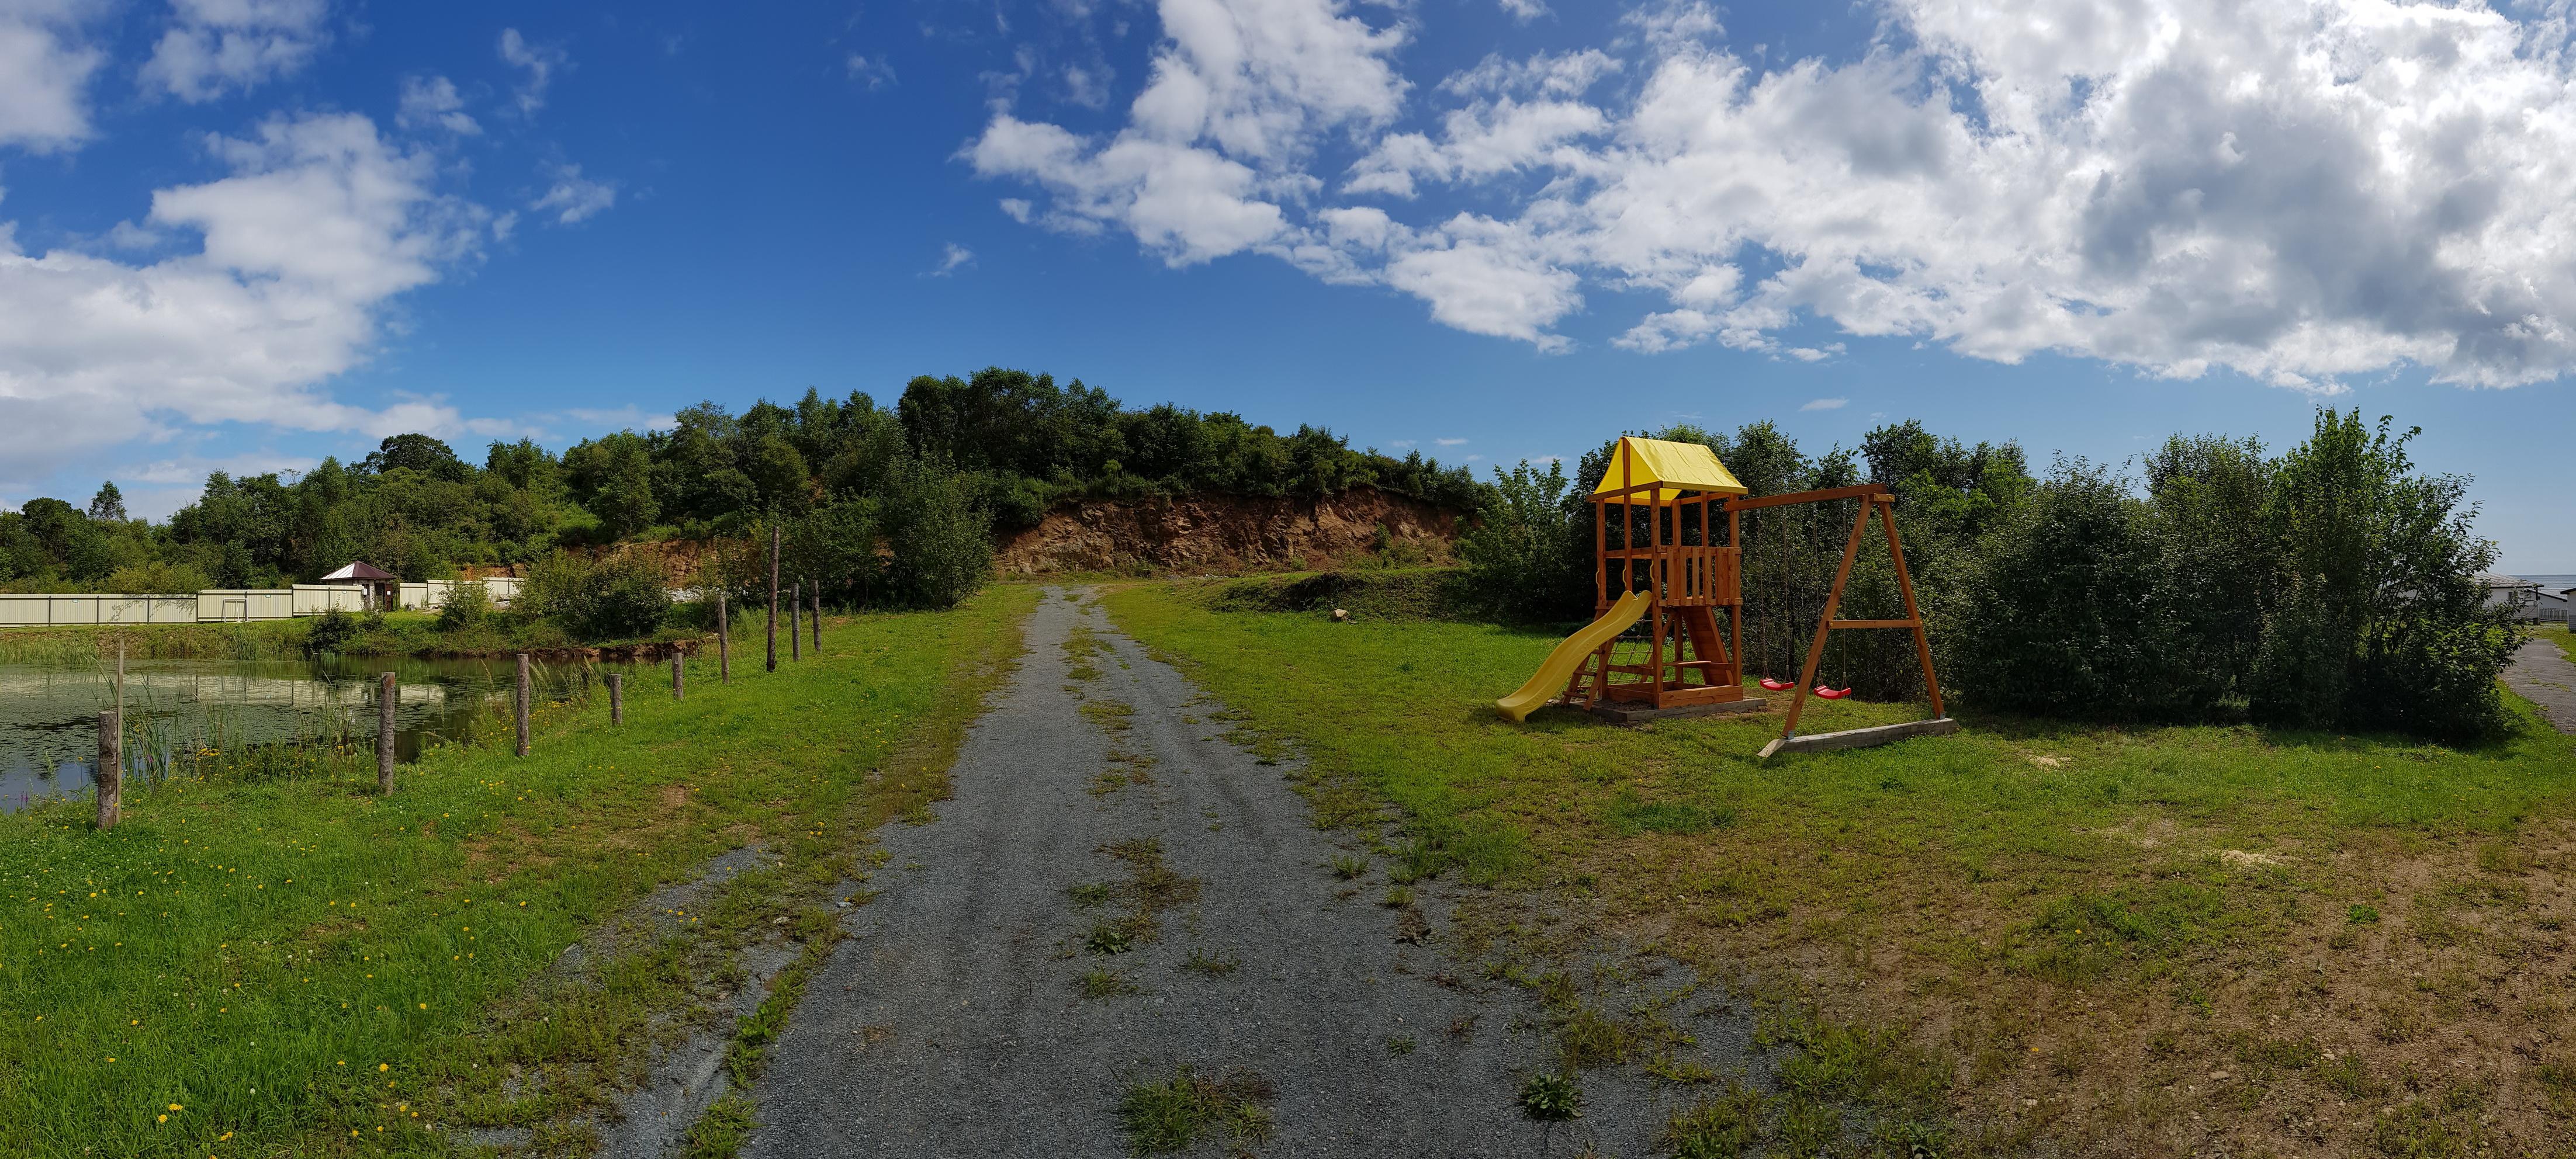 Детская площадка в мангальной зоне